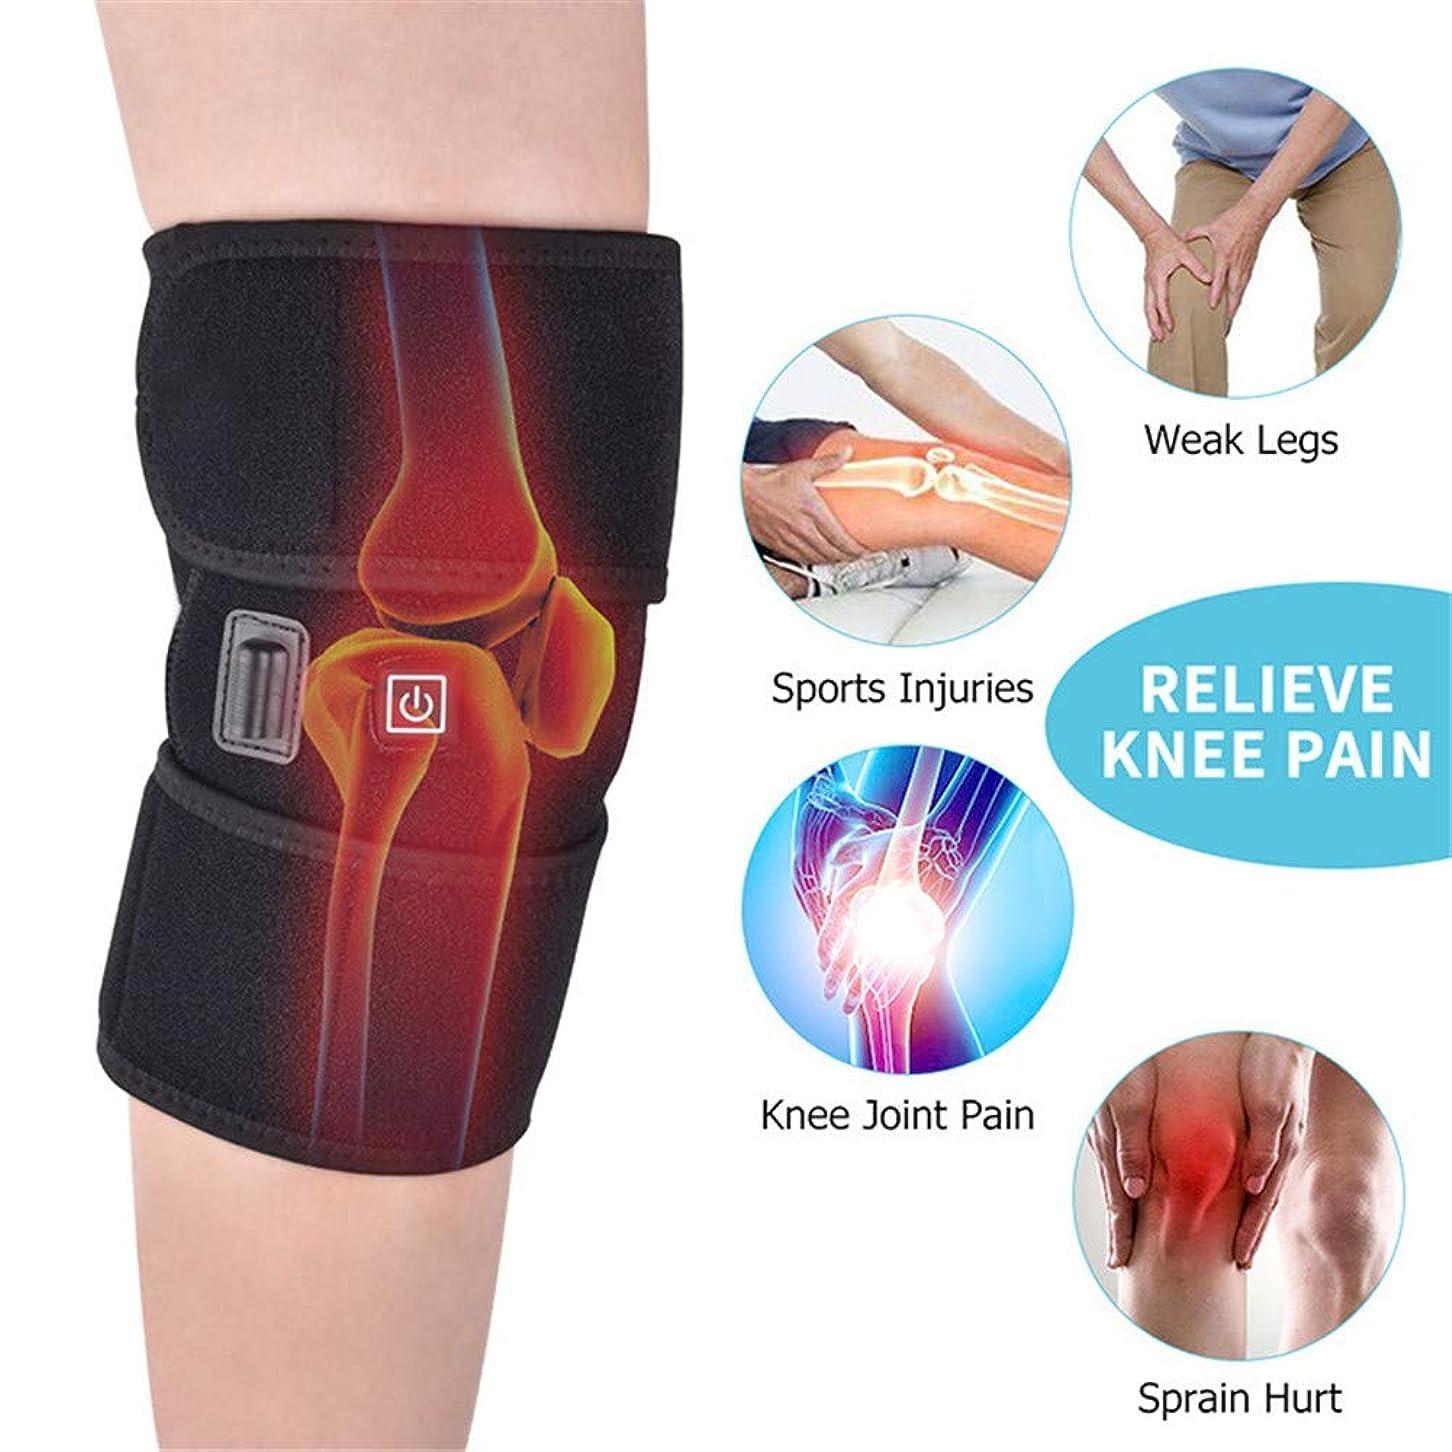 カレンダー医薬虫を数える膝加熱スリーブ関節炎膝サポートマッサージ加熱膝サポートベルト関節炎怪我痛み緩和熱療法